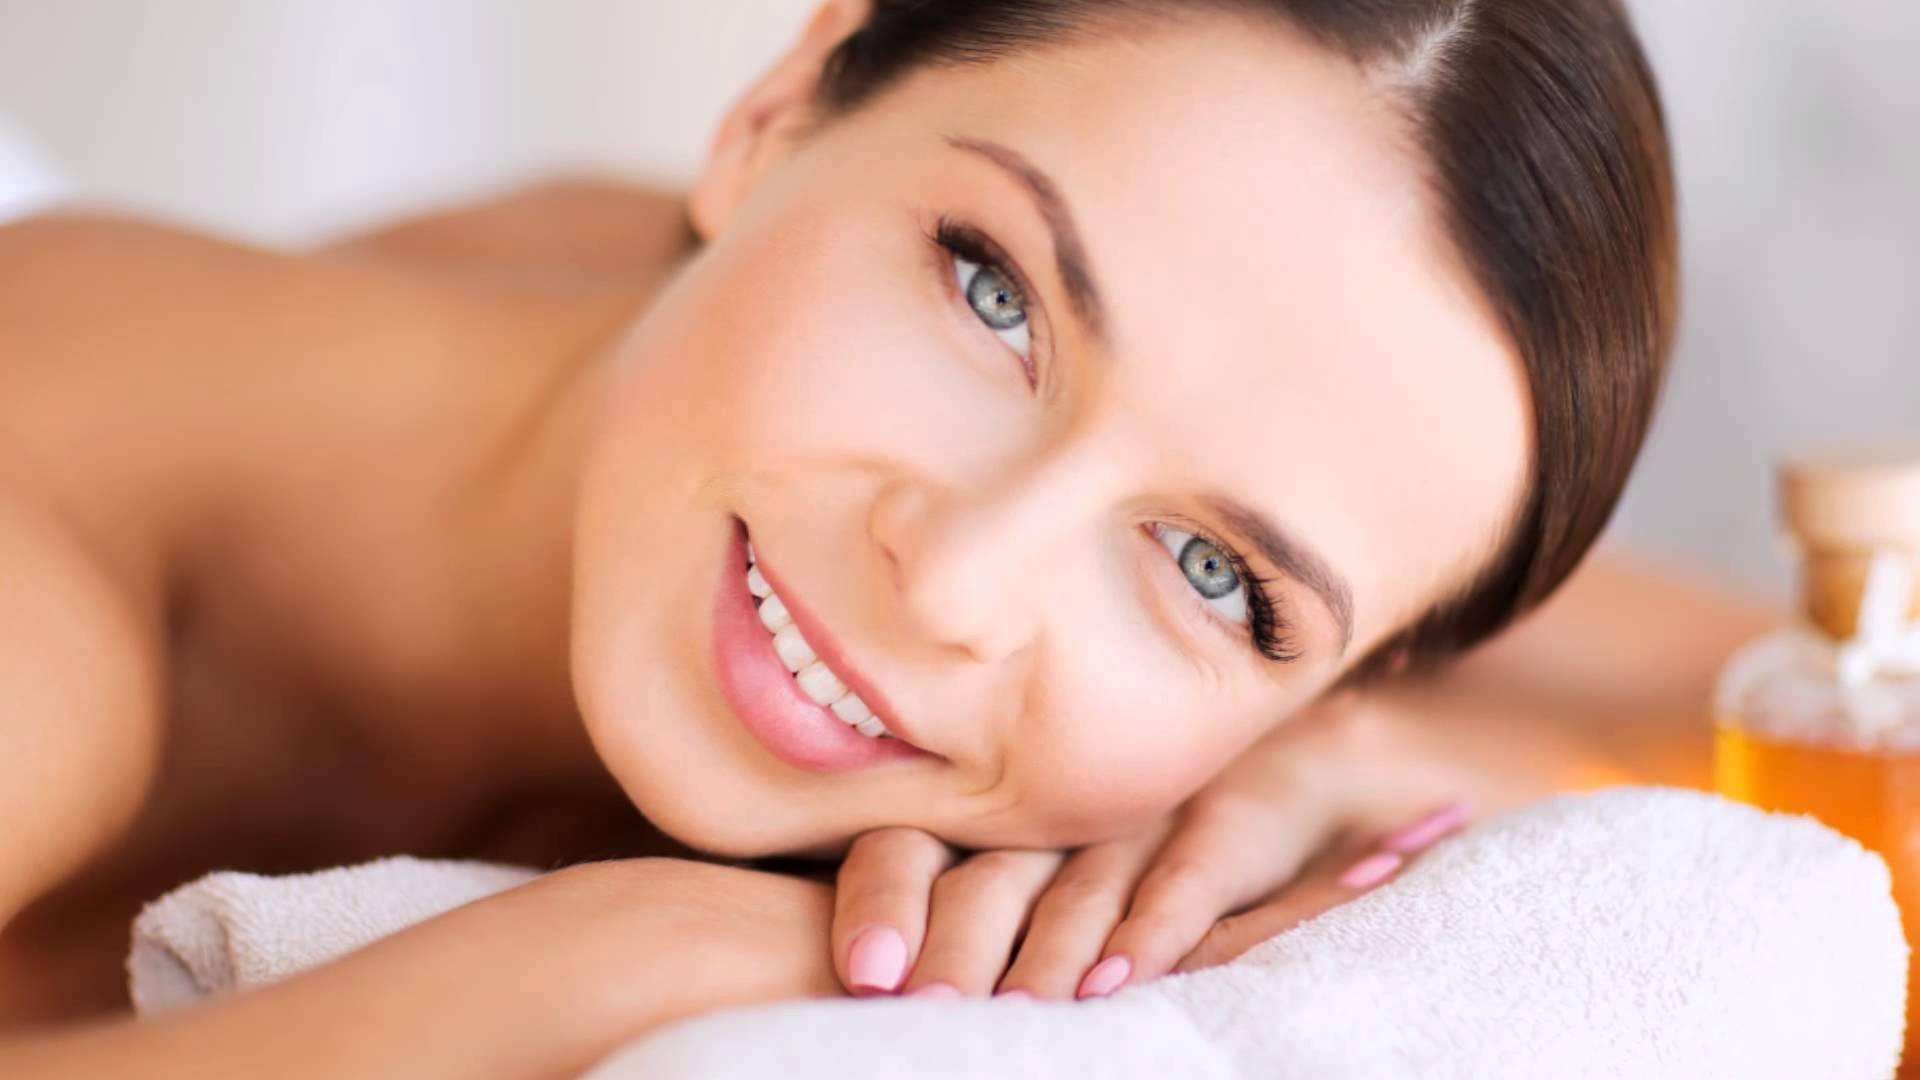 Macchie della pelle: come riconoscerle attraverso una giusta diagnosi